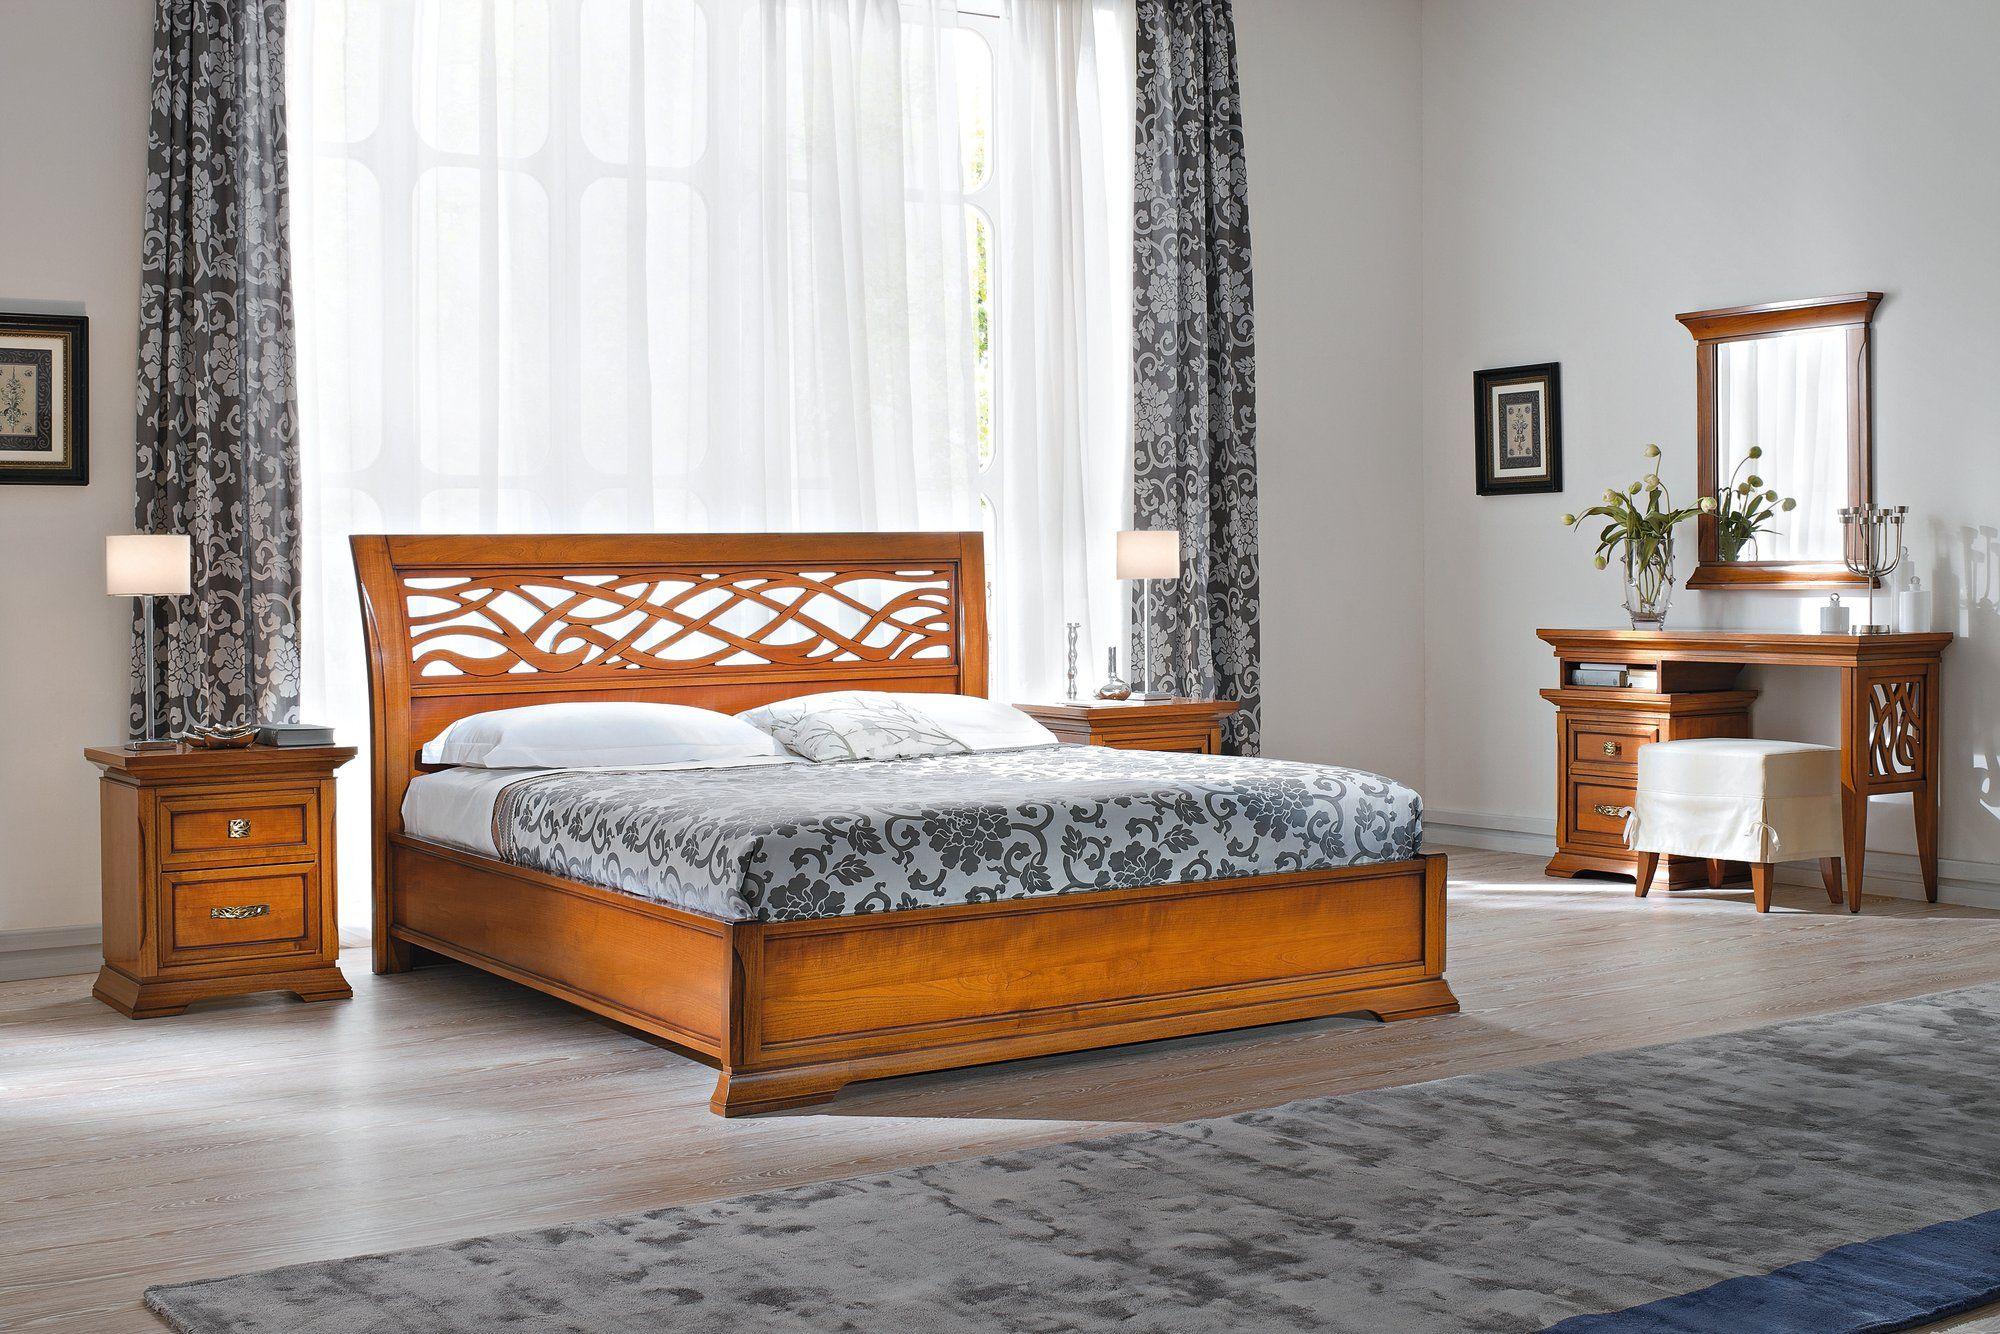 Bohemia letto contenitore by dall agnese design gianni for Letto contenitore design